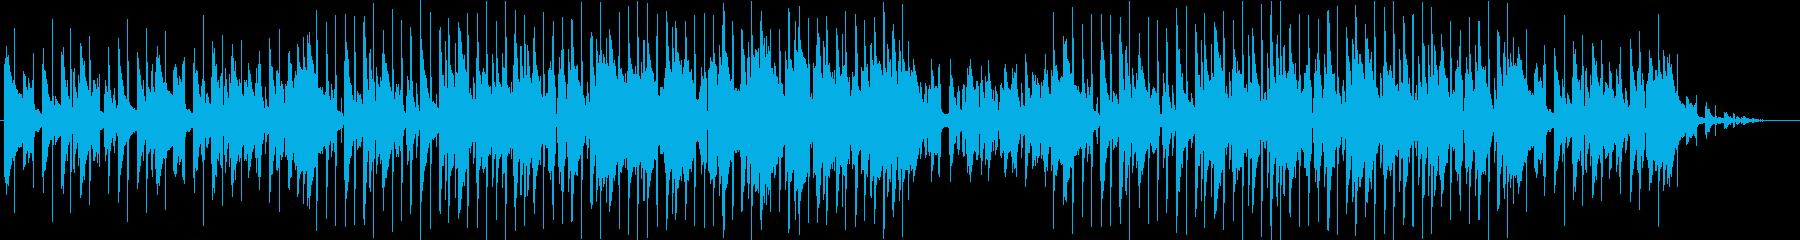 ジャジー、Lofi、オシャレの再生済みの波形